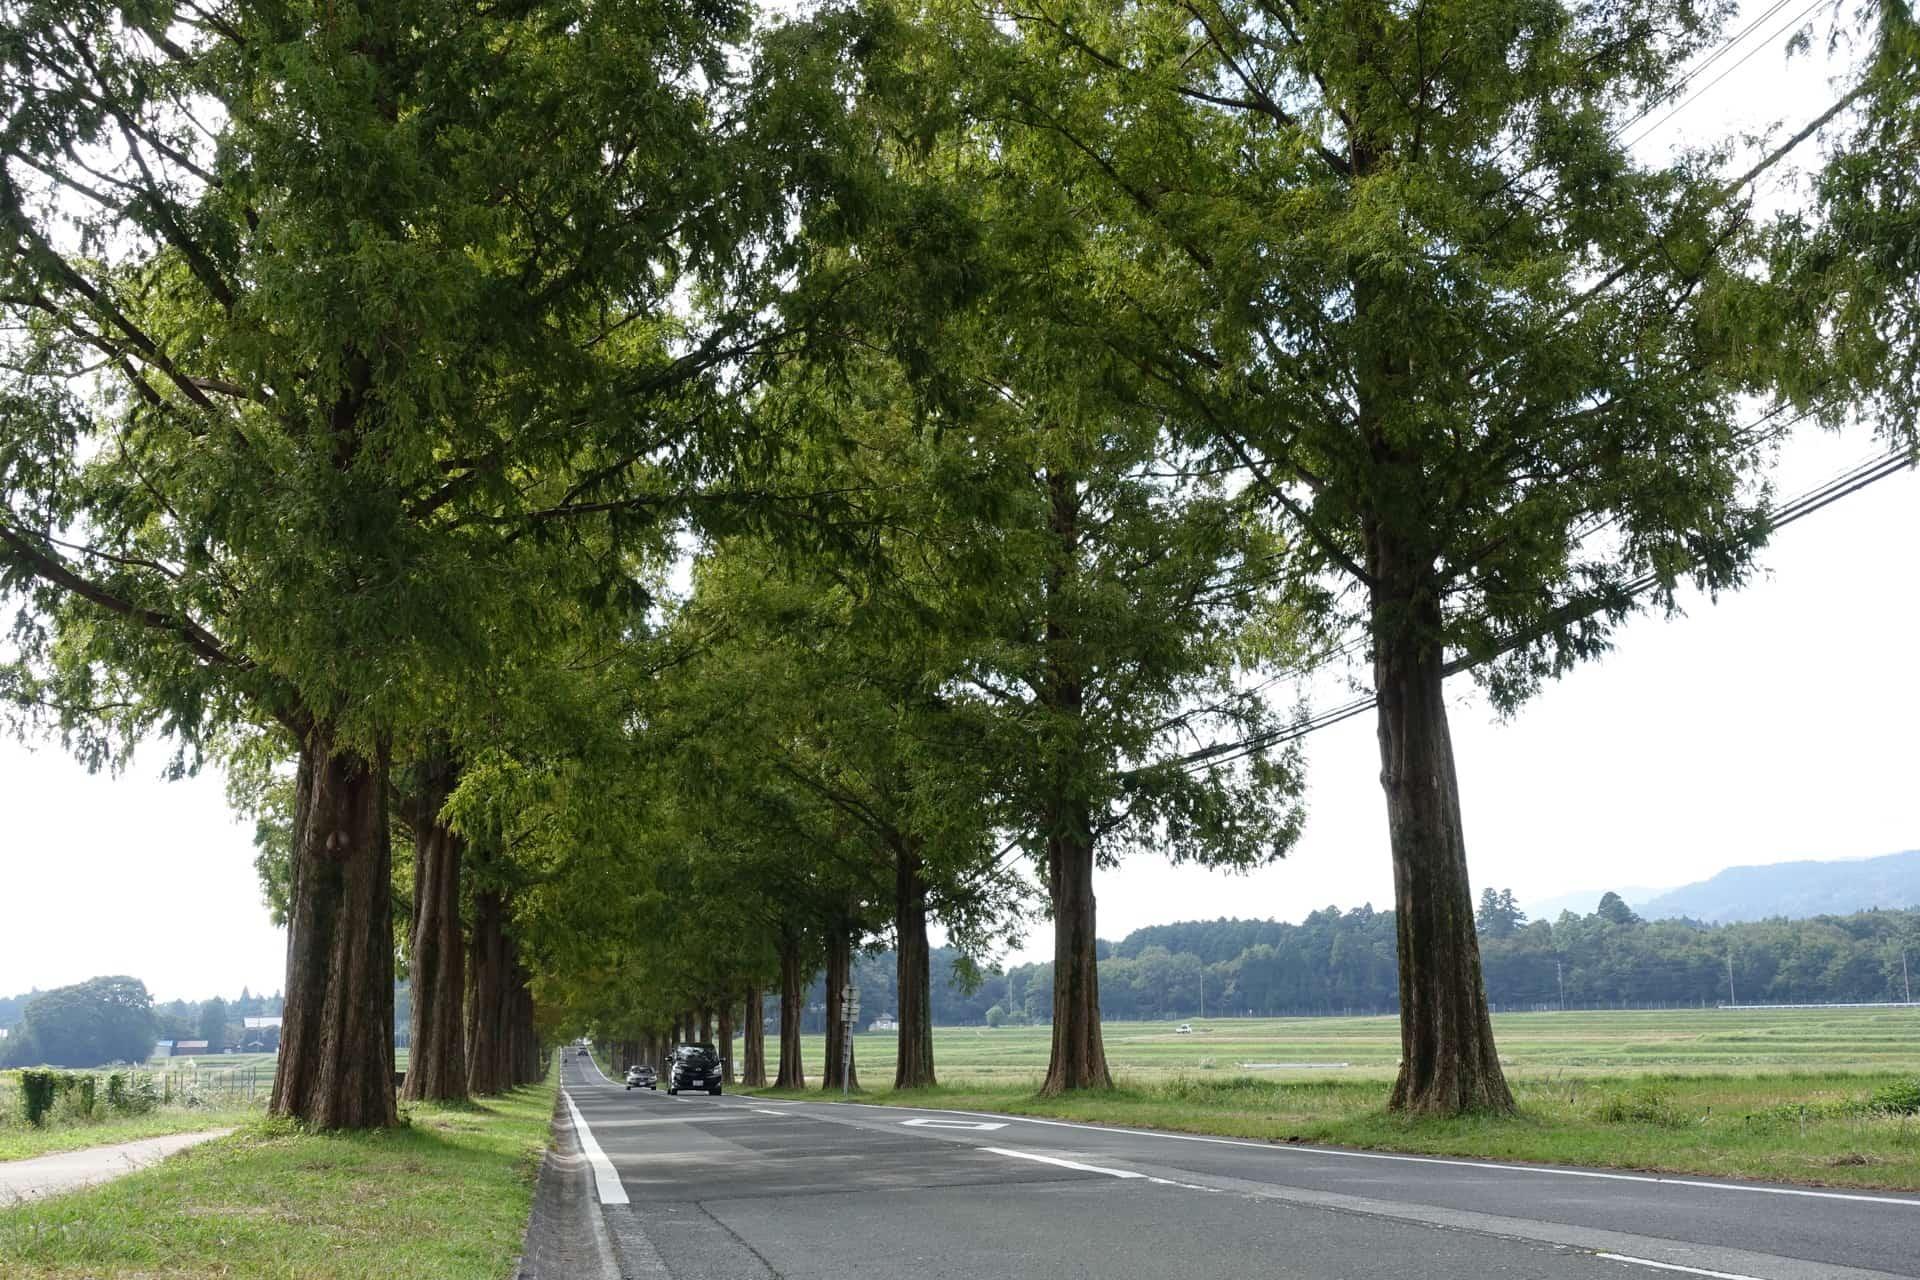 美しさに感動!滋賀・マキノのメタセコイア並木にレンタサイクルで行ってきたよ